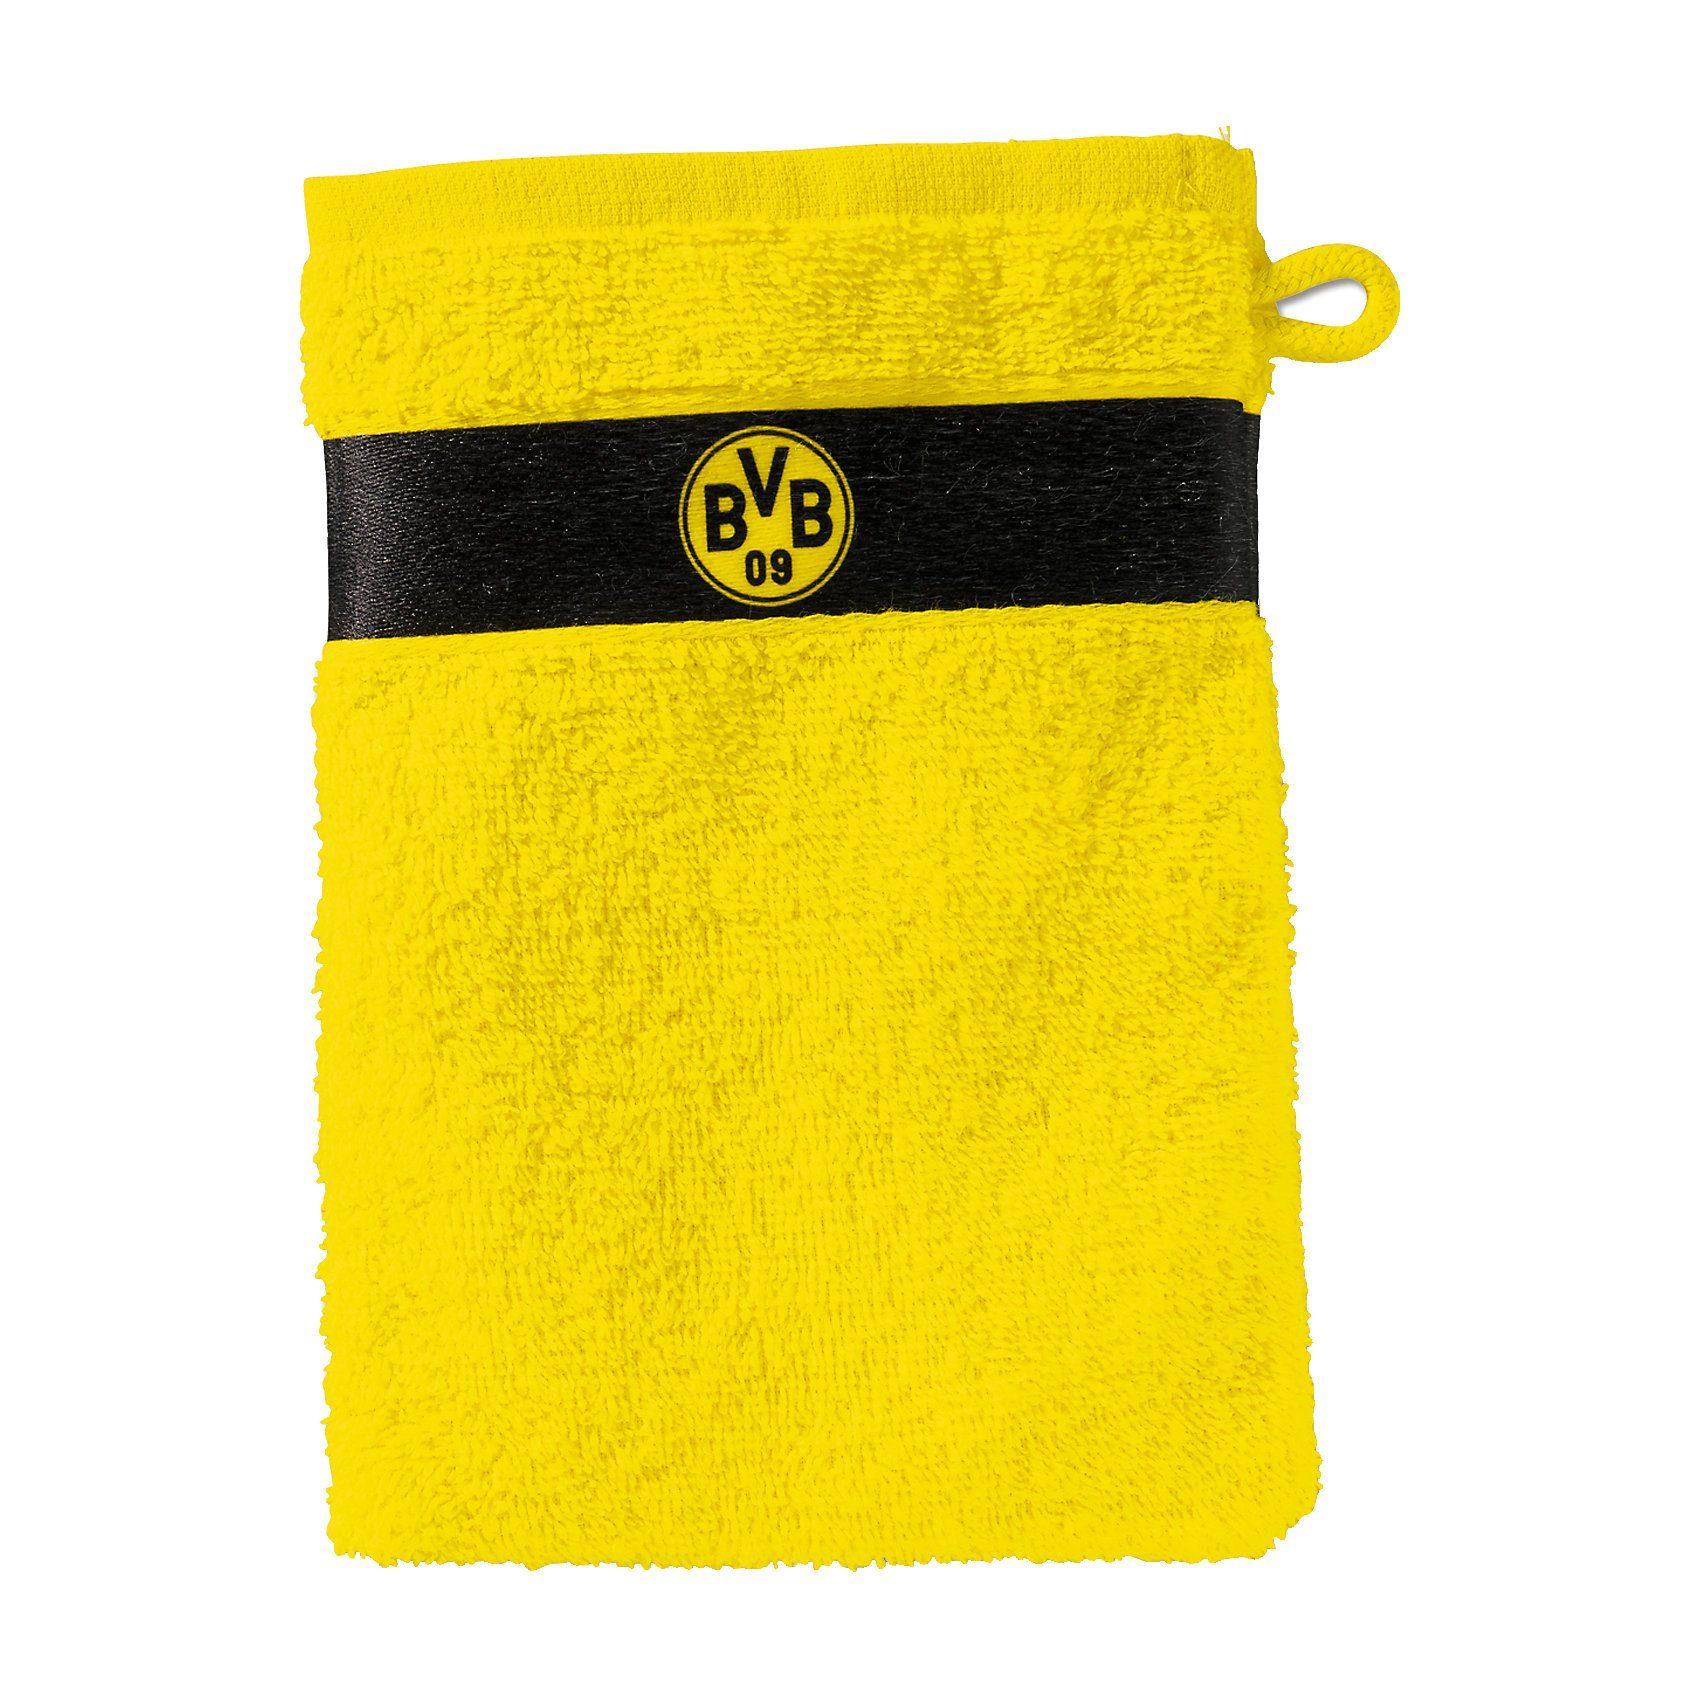 Borussia Dortmund Waschhandschuh BVB, gelb, 16 x 21 cm